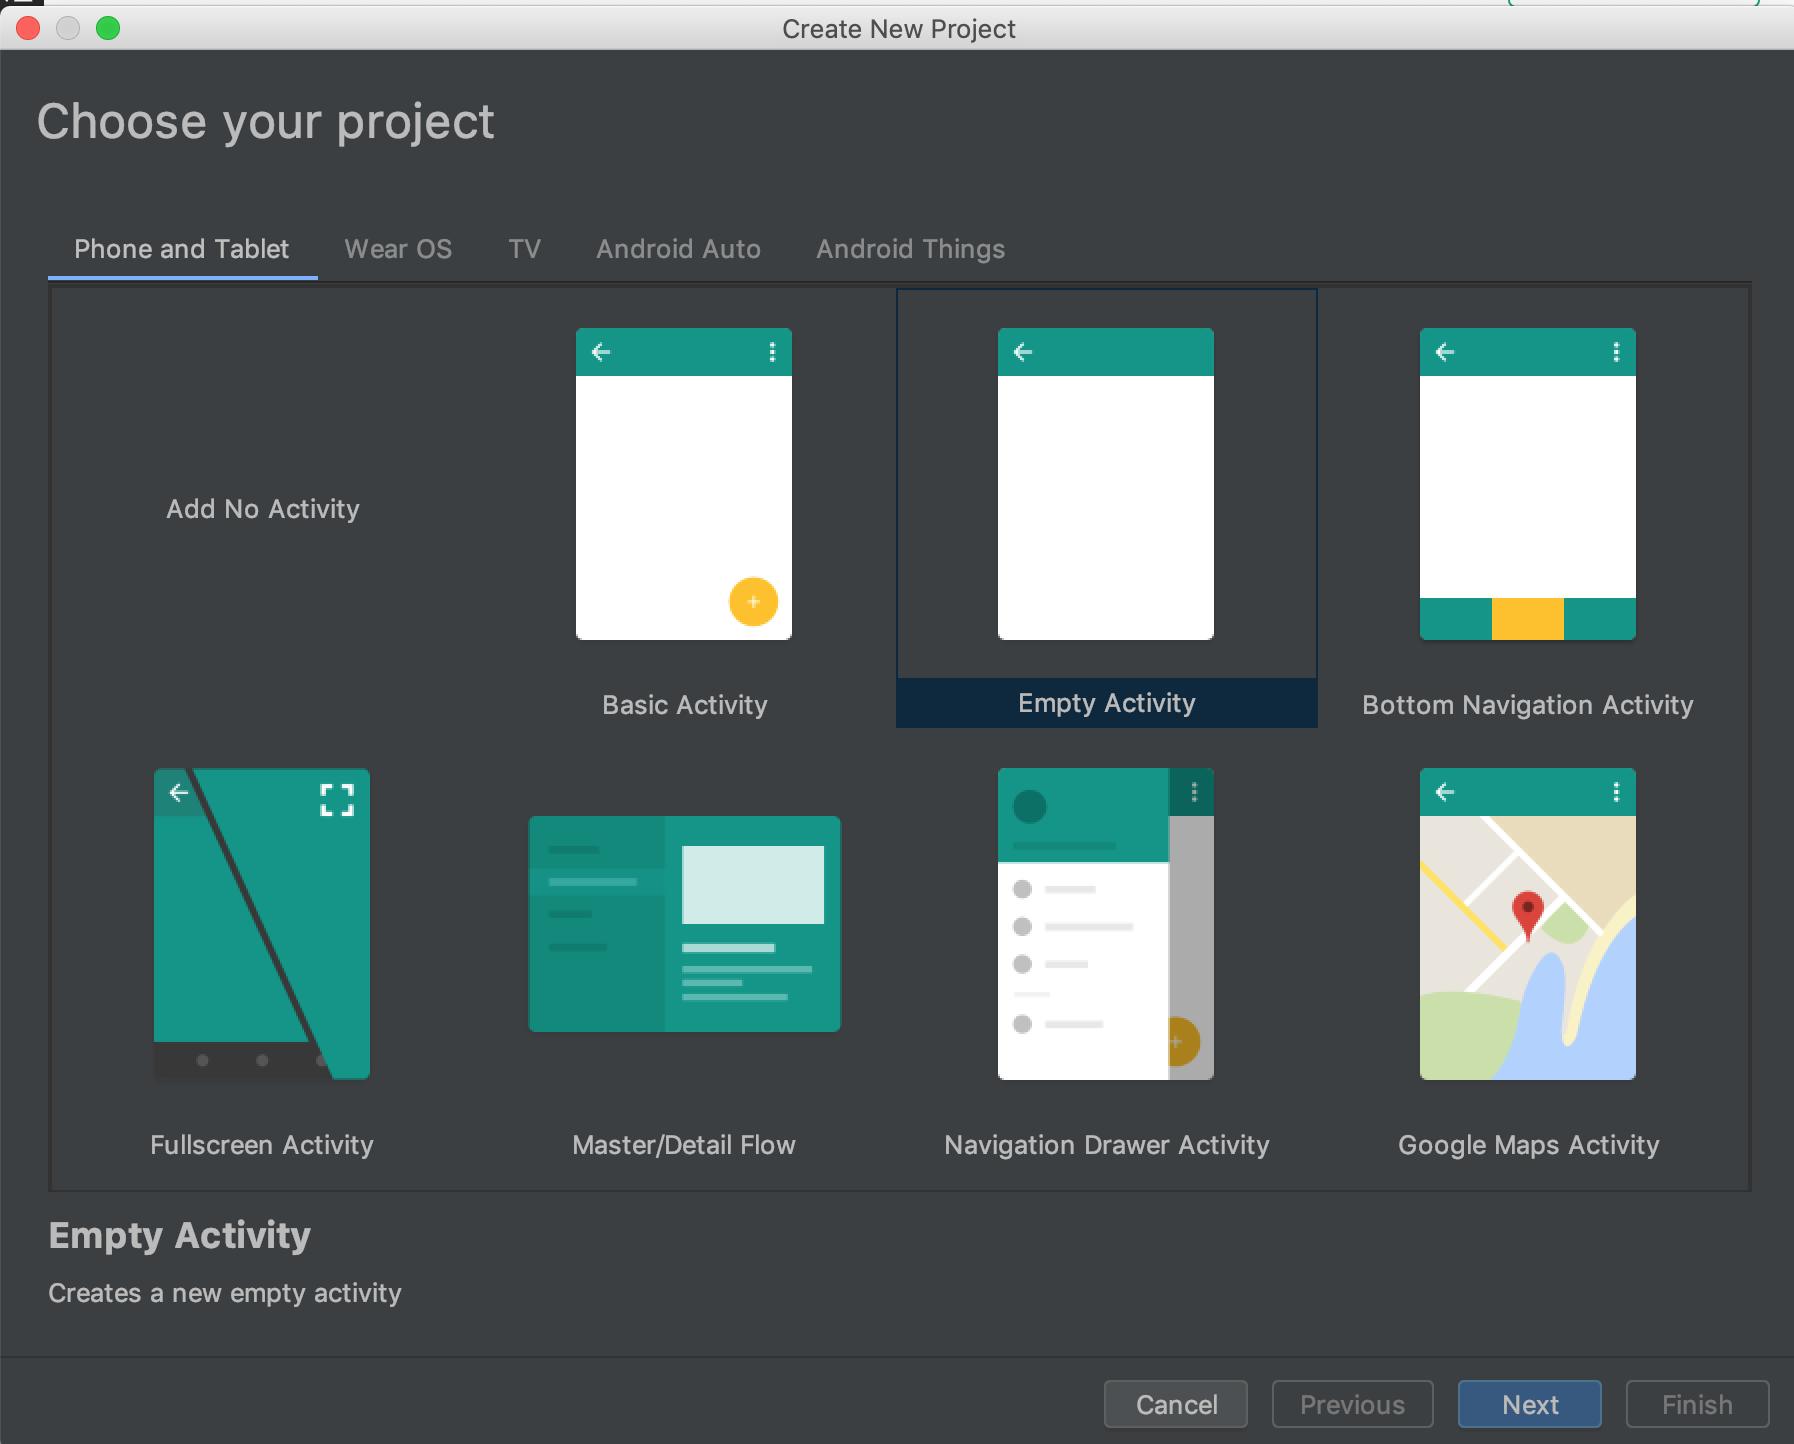 Автоматизация Android. Супер простое руководство по созданию первого Espresso-теста - 2